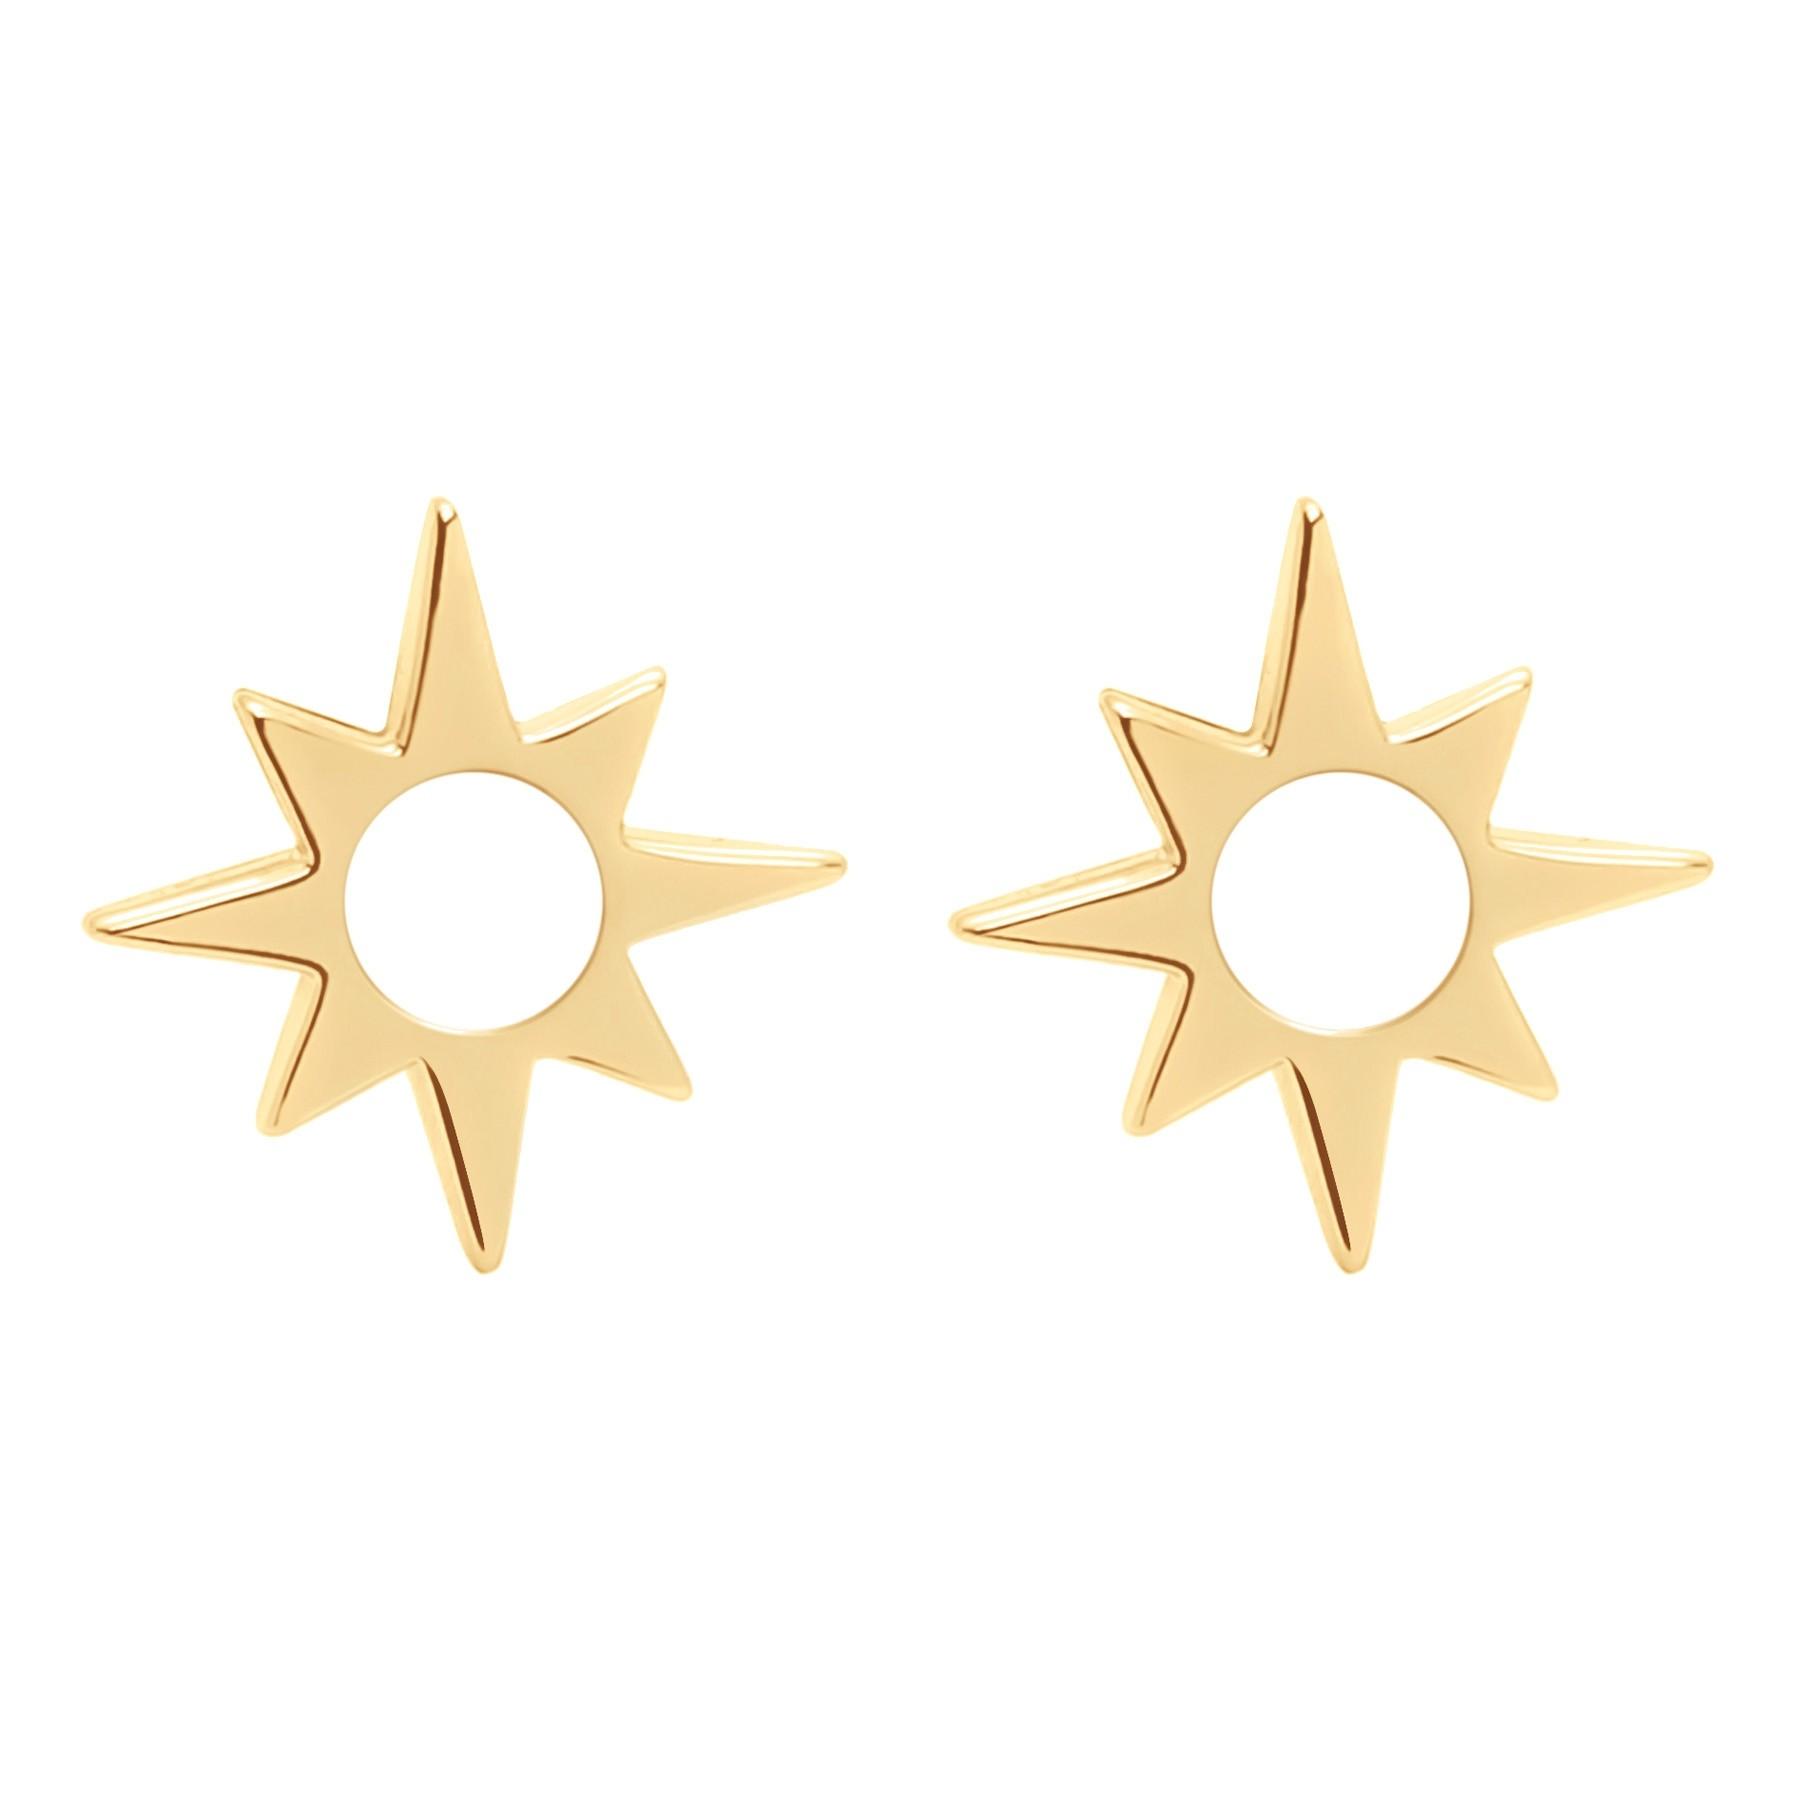 Boucles d'oreilles Star ajourées plaquées or